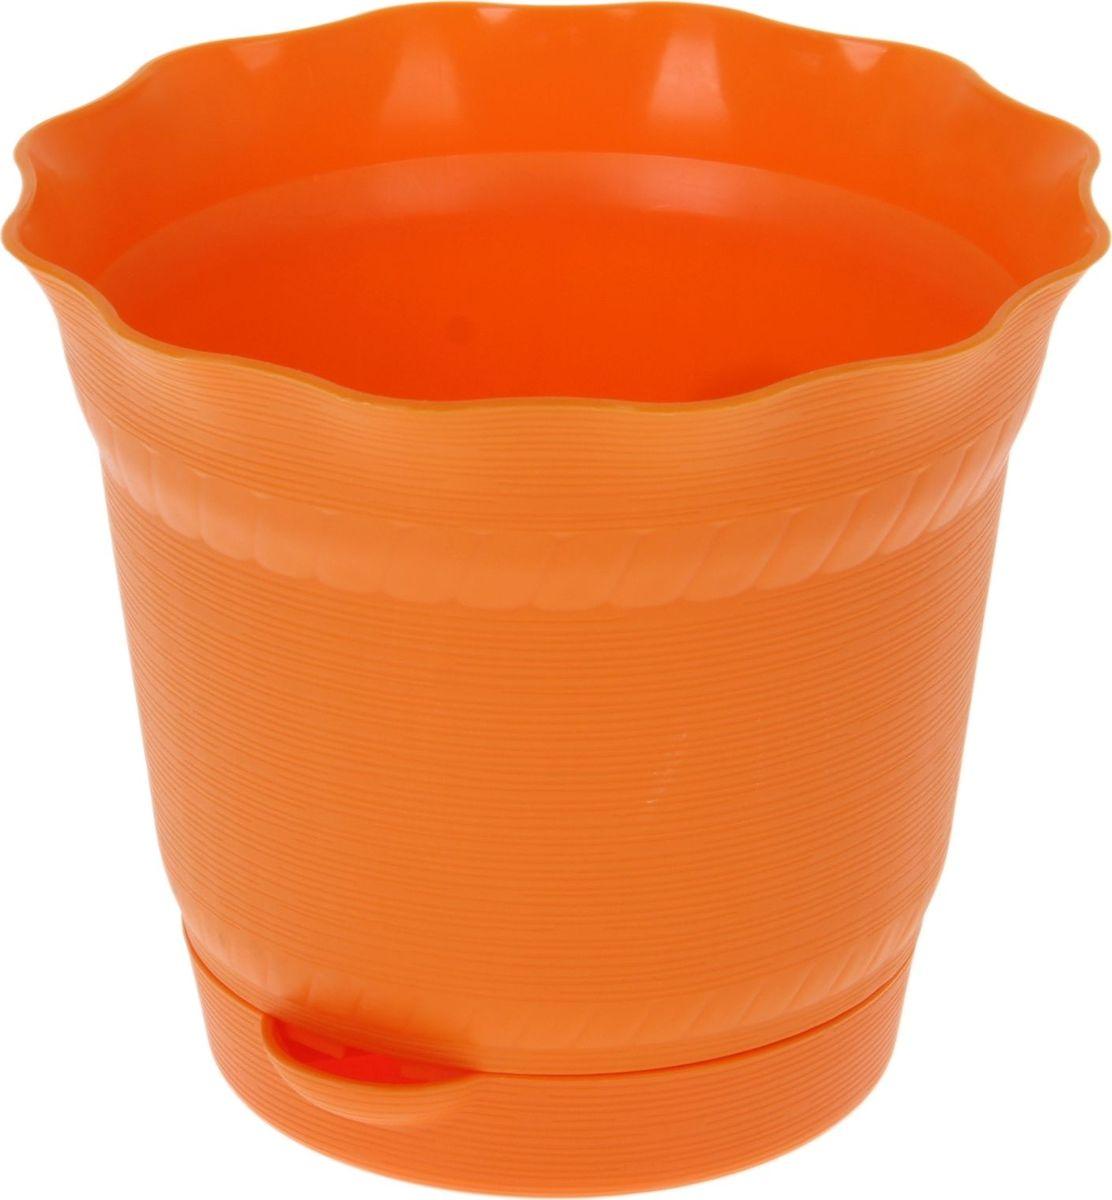 Горшок для цветов ТЕК.А.ТЕК Aquarelle, с поддоном, цвет: светло-оранжевый, 0,5 л97775318Любой, даже самый современный и продуманный интерьер будет не завершённым без растений. Они не только очищают воздух и насыщают его кислородом, но и заметно украшают окружающее пространство. Такому полезному члену семьи просто необходимо красивое и функциональное кашпо, оригинальный горшок или необычная ваза! Мы предлагаем - Горшок для цветов с поддоном 500 мл Aquarelle d=11,7 см, цвет светло-оранжевый! Оптимальный выбор материала пластмасса! Почему мы так считаем? Малый вес. С лёгкостью переносите горшки и кашпо с места на место, ставьте их на столики или полки, подвешивайте под потолок, не беспокоясь о нагрузке. Простота ухода. Пластиковые изделия не нуждаются в специальных условиях хранения. Их легко чистить достаточно просто сполоснуть тёплой водой. Никаких царапин. Пластиковые кашпо не царапают и не загрязняют поверхности, на которых стоят. Пластик дольше хранит влагу, а значит растение реже нуждается в поливе. Пластмасса не пропускает воздух корневой системе растения не грозят резкие перепады температур. Огромный выбор форм, декора и расцветок вы без труда подберёте что-то, что идеально впишется в уже существующий интерьер. Соблюдая нехитрые правила ухода, вы можете заметно продлить срок службы горшков, вазонов и кашпо из пластика: всегда учитывайте размер кроны и корневой системы растения (при разрастании большое растение способно повредить маленький горшок)берегите изделие от воздействия прямых солнечных лучей, чтобы кашпо и горшки не выцветалидержите кашпо и горшки из пластика подальше от нагревающихся поверхностей. Создавайте прекрасные цветочные композиции, выращивайте рассаду или необычные растения, а низкие цены позволят вам не ограничивать себя в выборе.